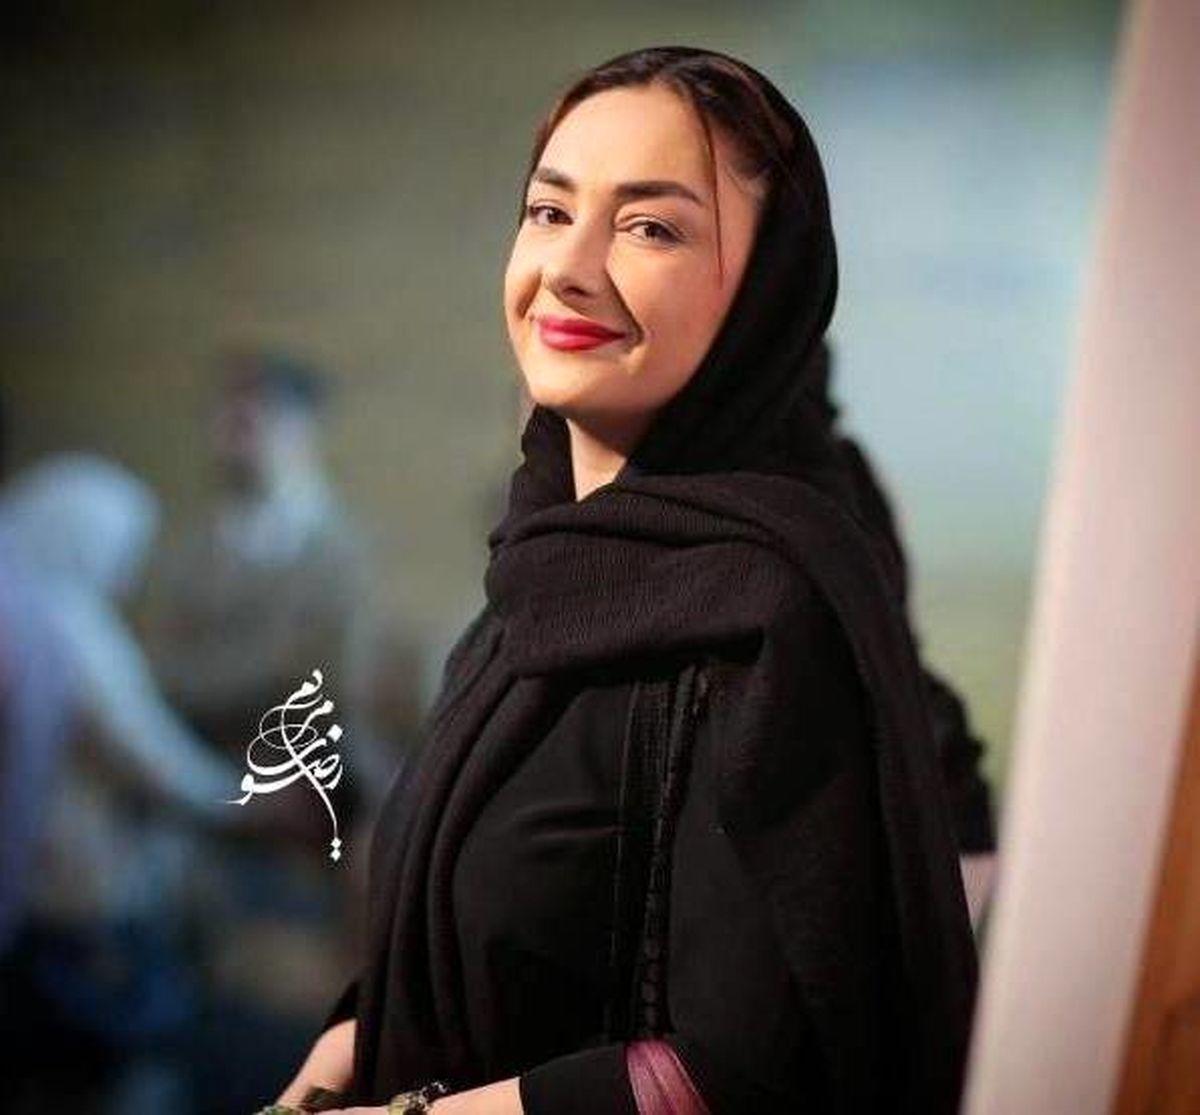 رقص دونفره هانیه توسلی و جواد عزتی +ویدیو جنجالی